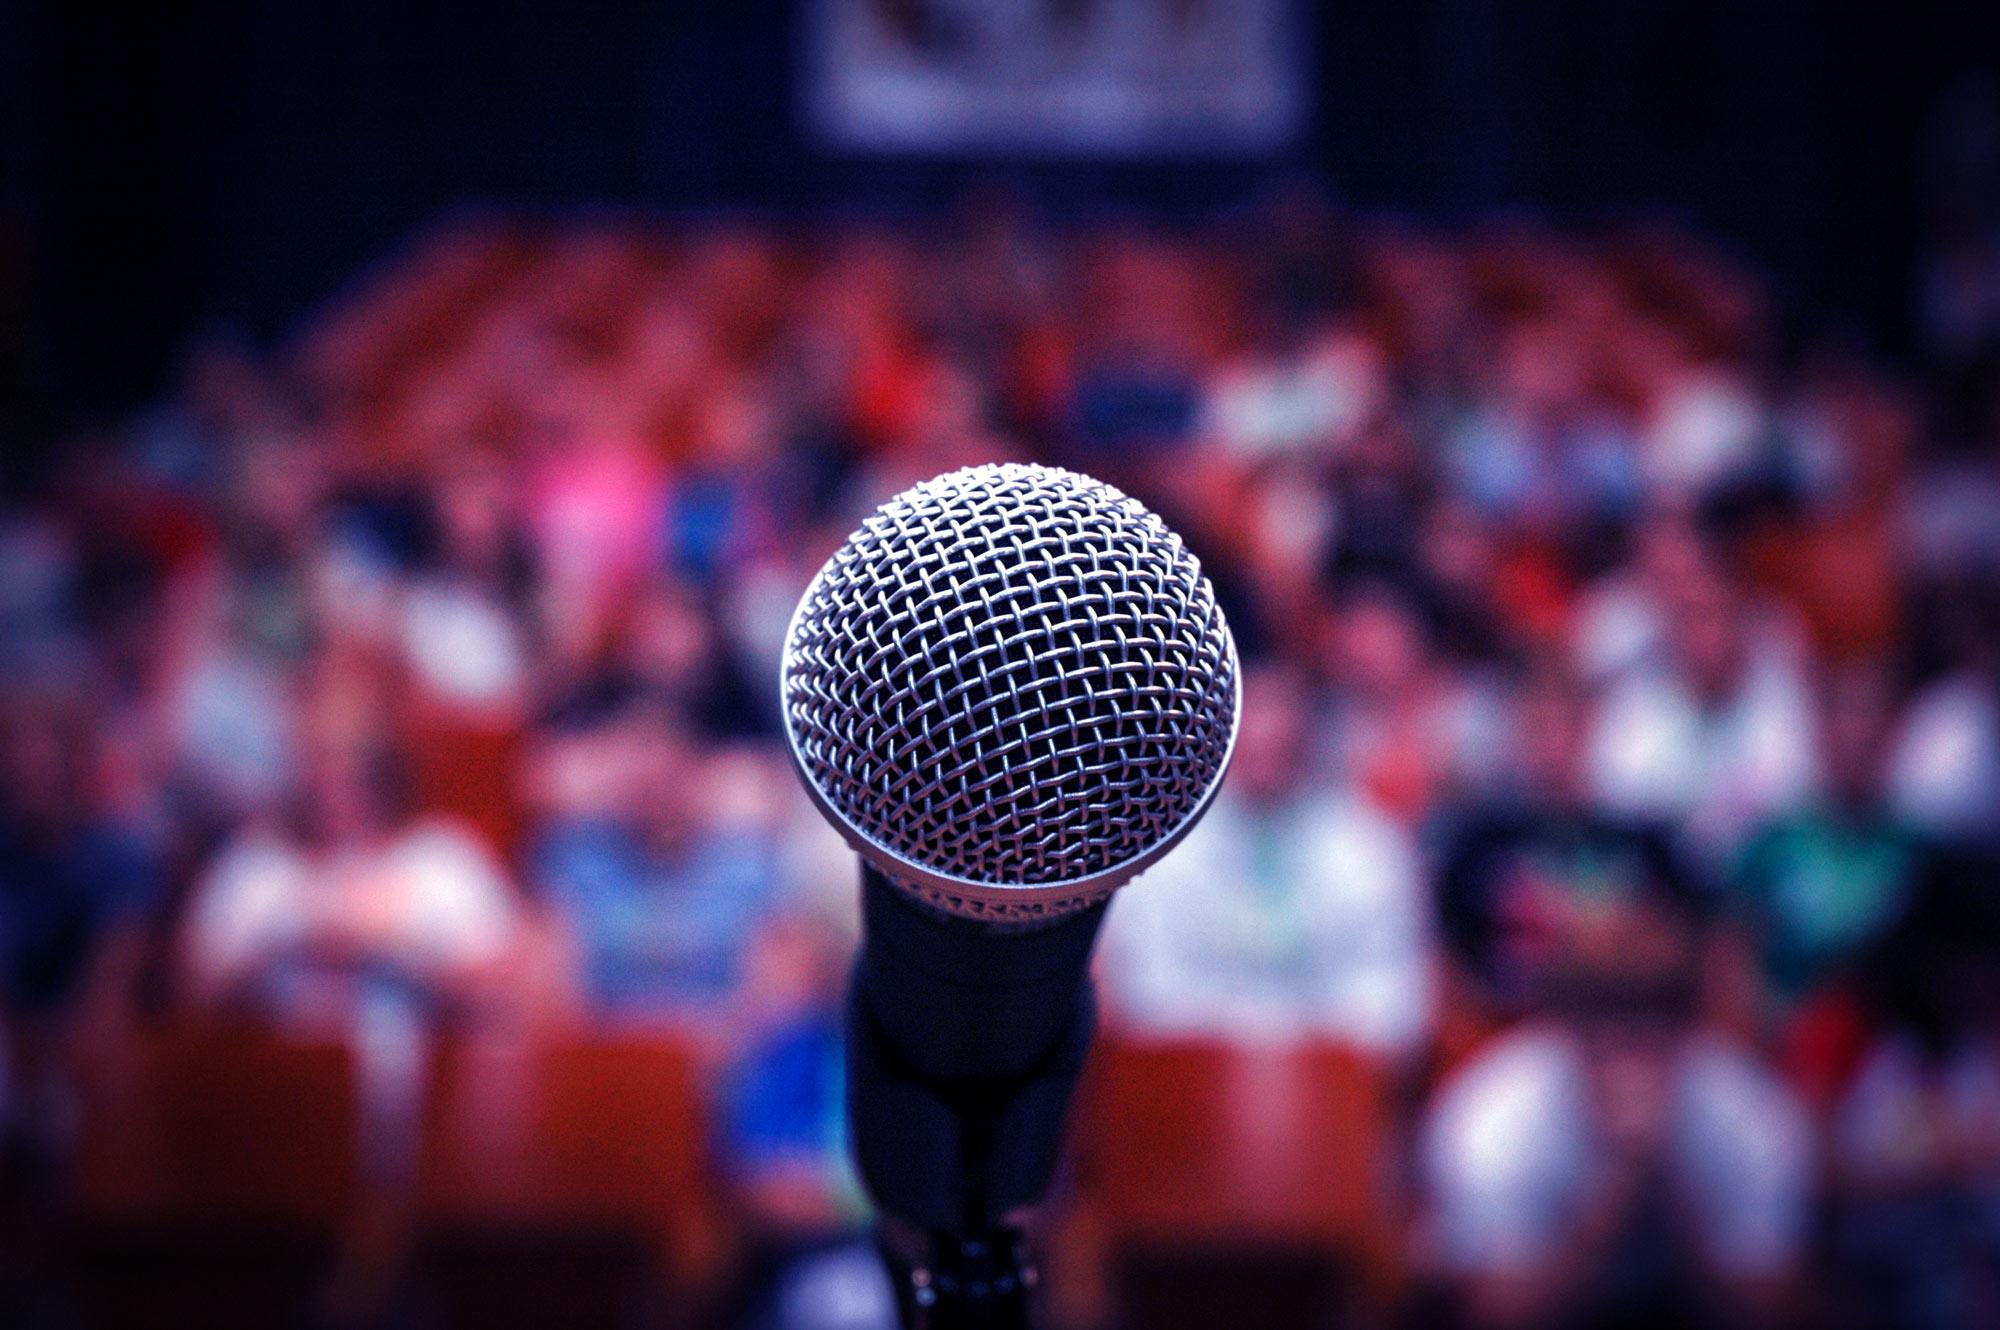 برگزیدگان چالش سخنرانی های علمی-ترویجی در علوم شناختی COGTALK2 مشخص شد